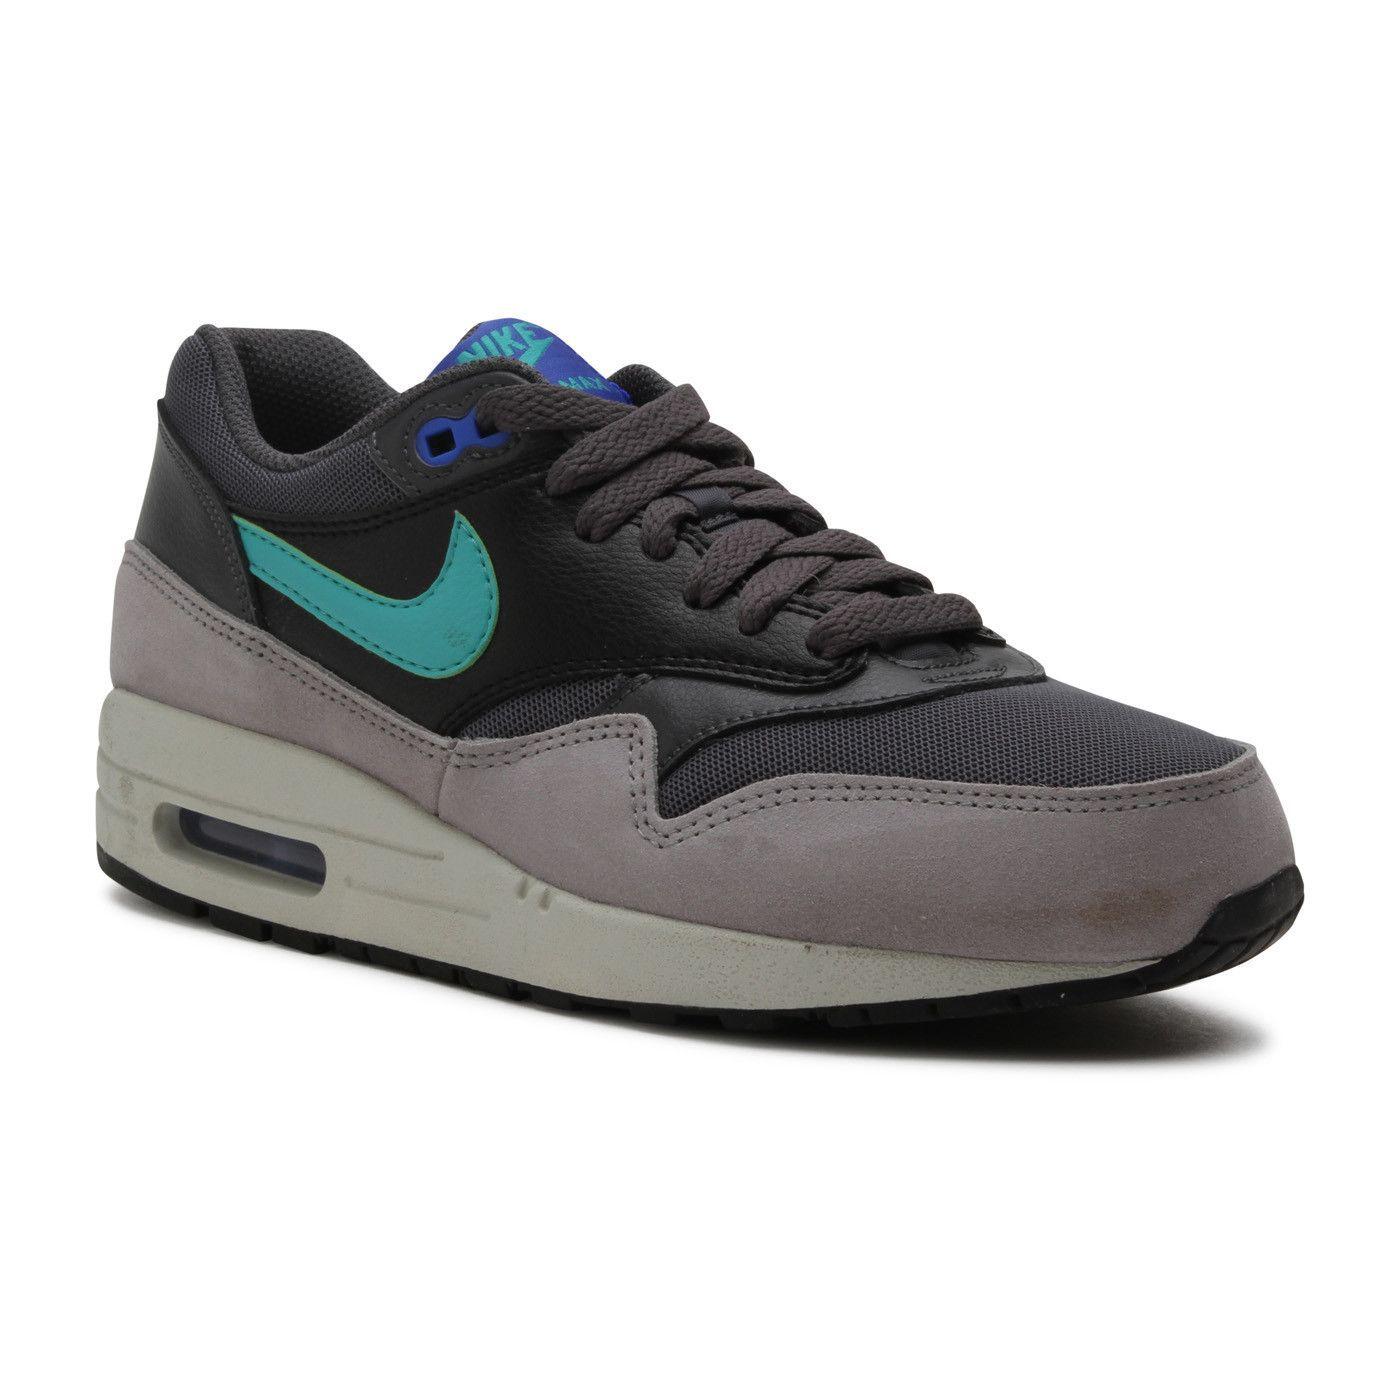 Nike Air Max 1 Essential - 599820-023